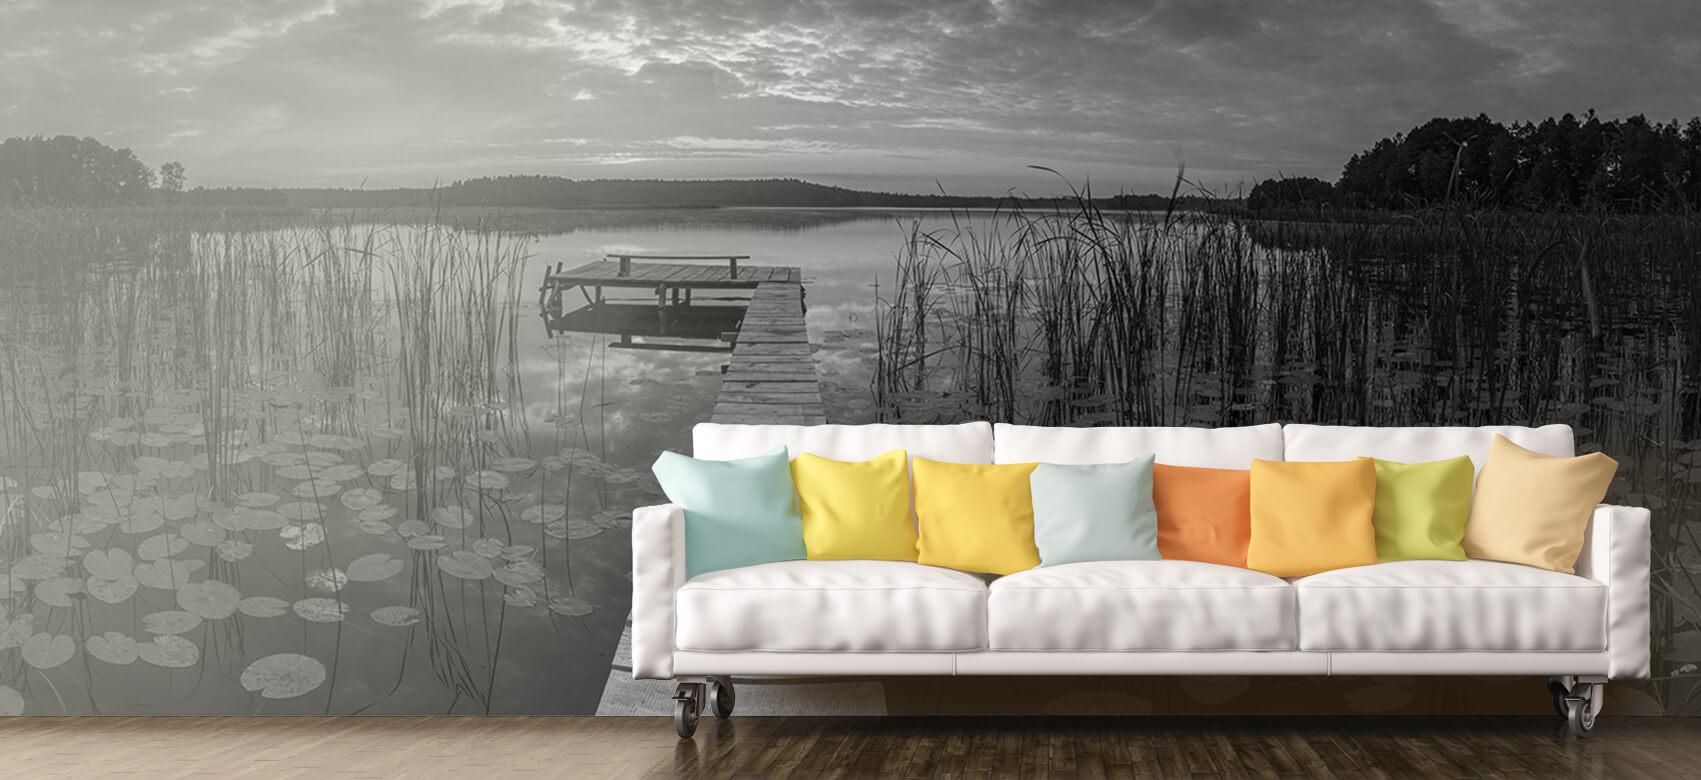 Houten Steigers - Zonsopgang aan het meer - Woonkamer 11